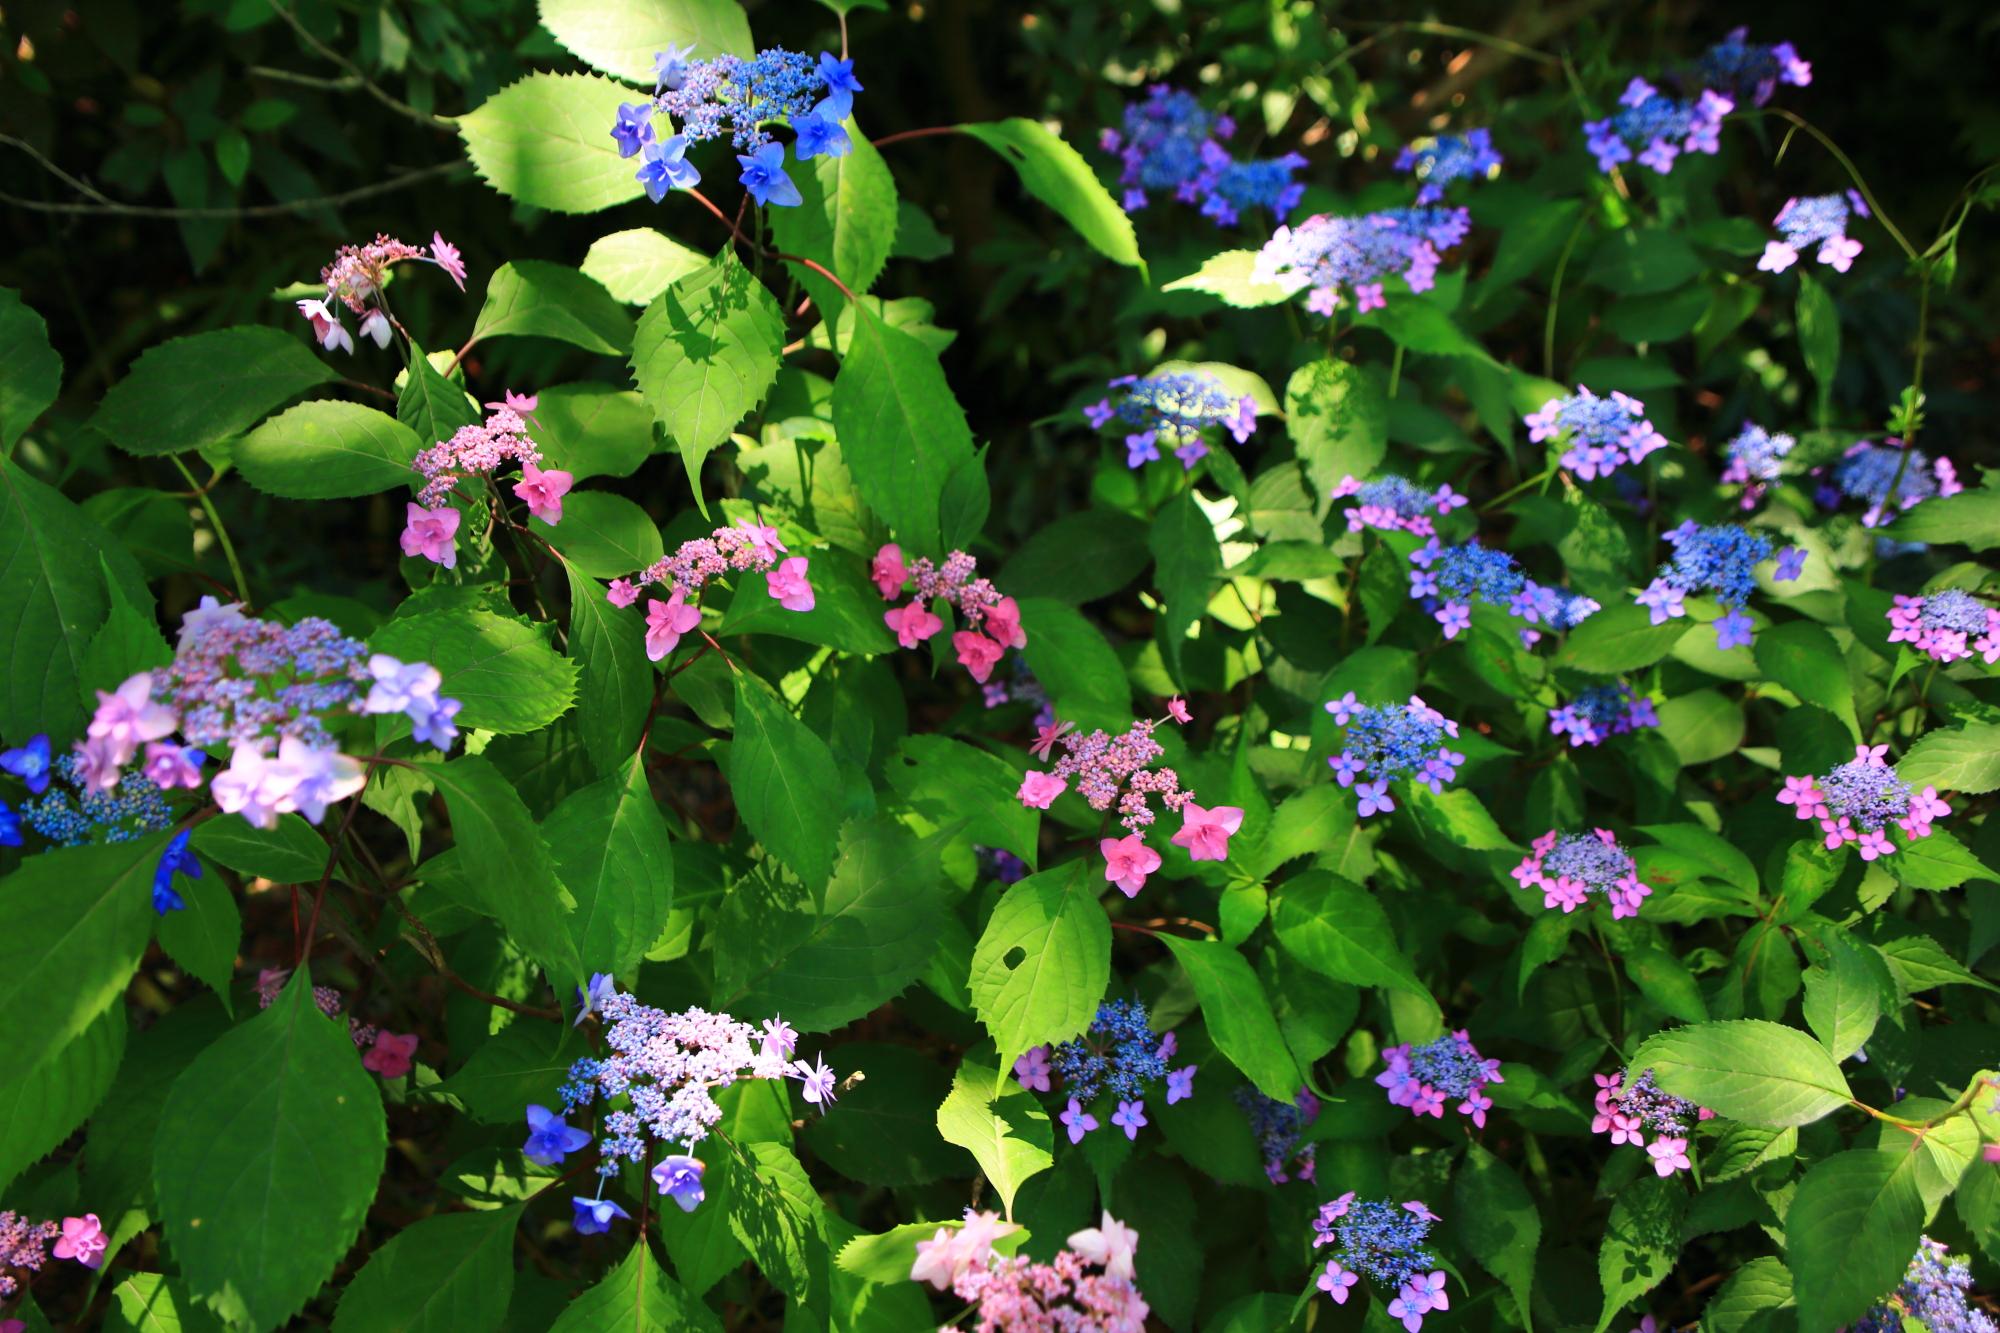 梅宮大社の色とりどりに咲く賑やかな額紫陽花